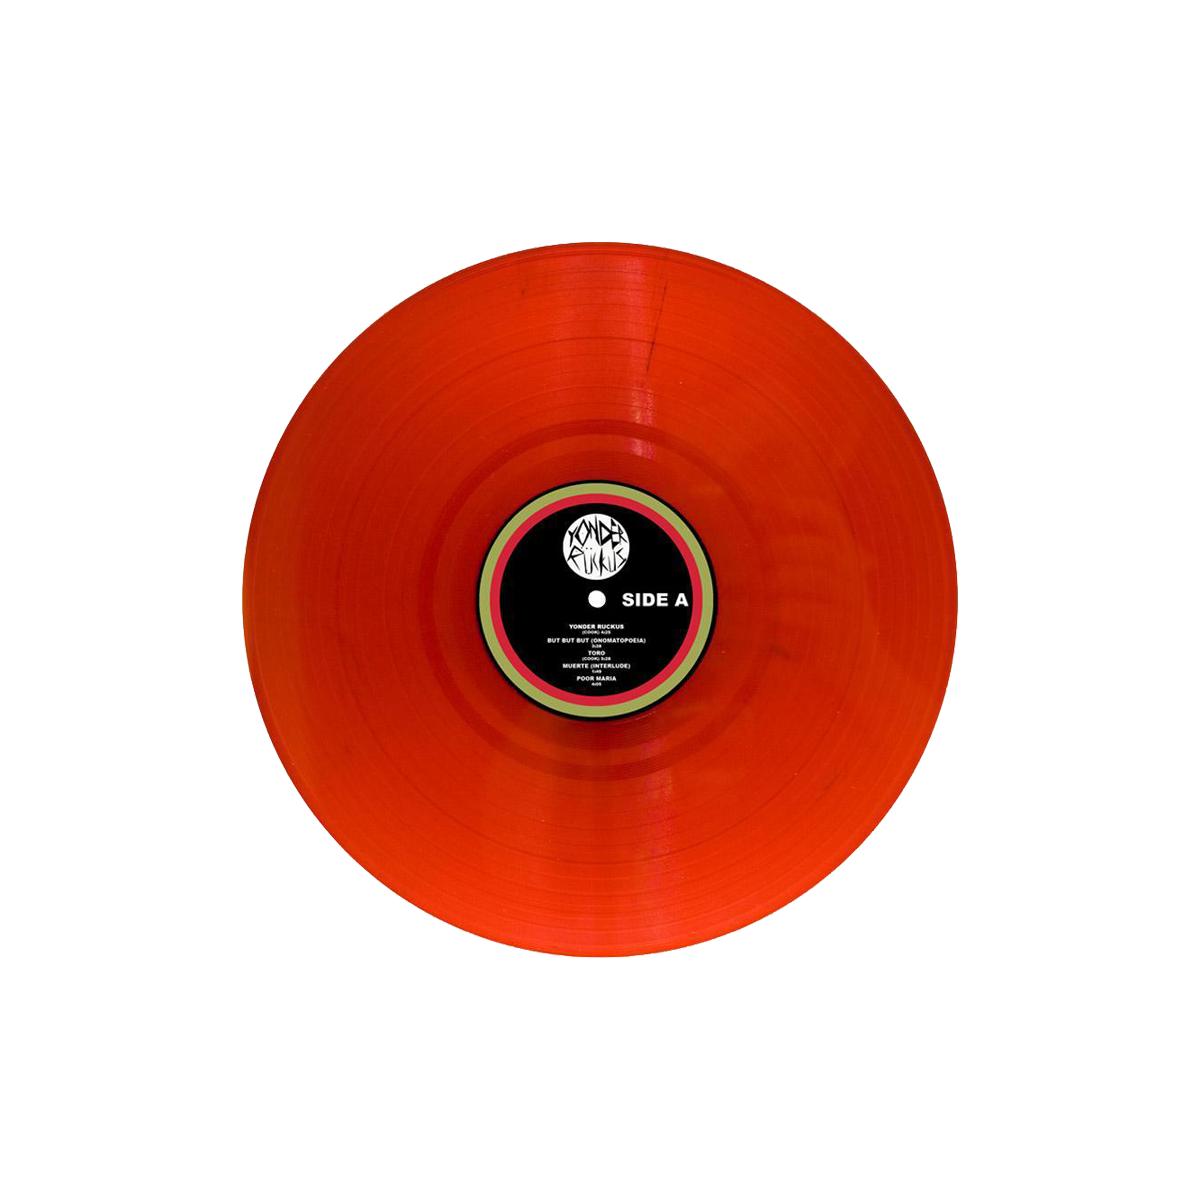 Vinyl Pressing Austep Music